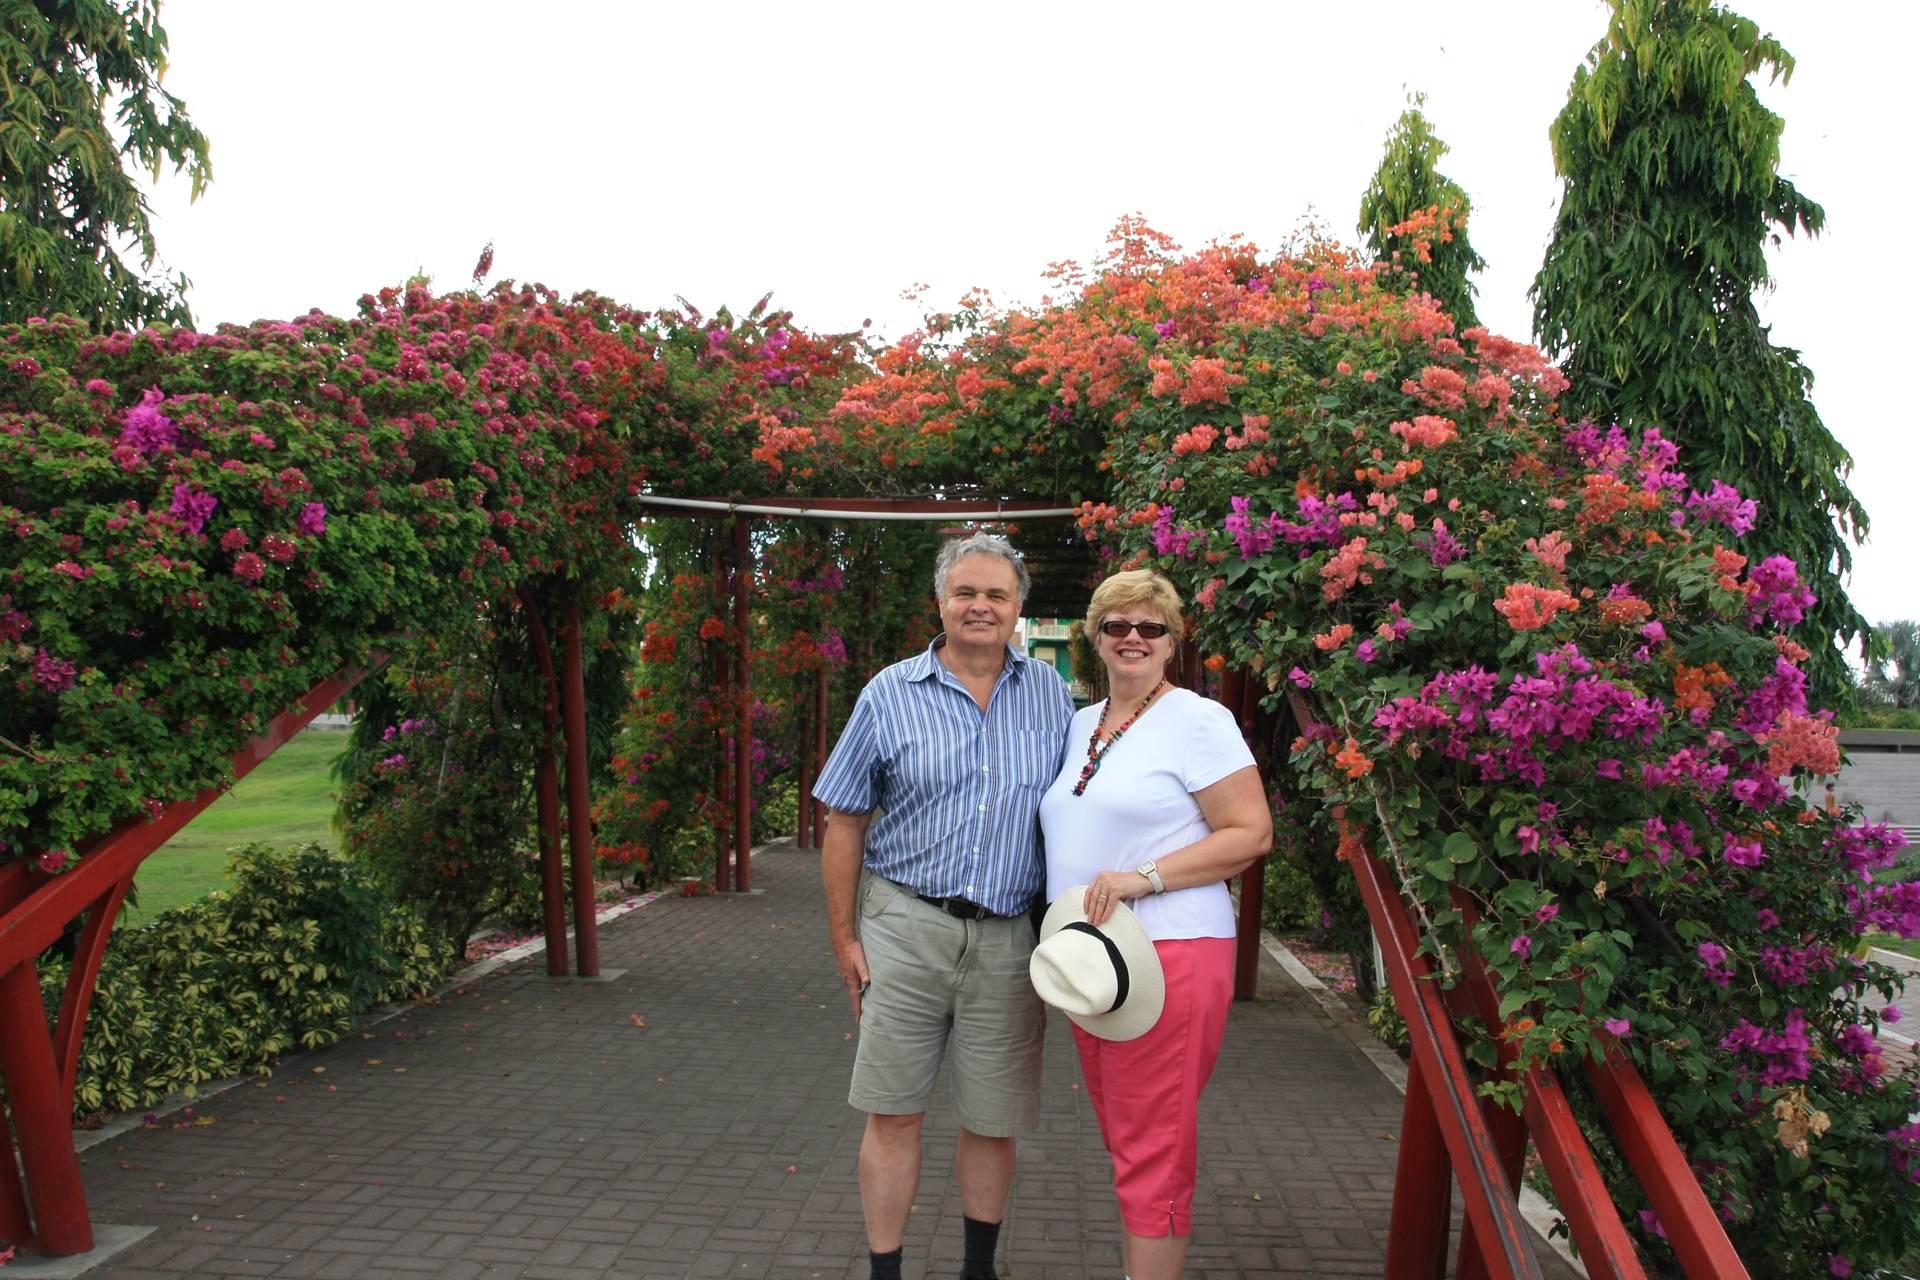 Panama City - Lynda and Randy at Old Town